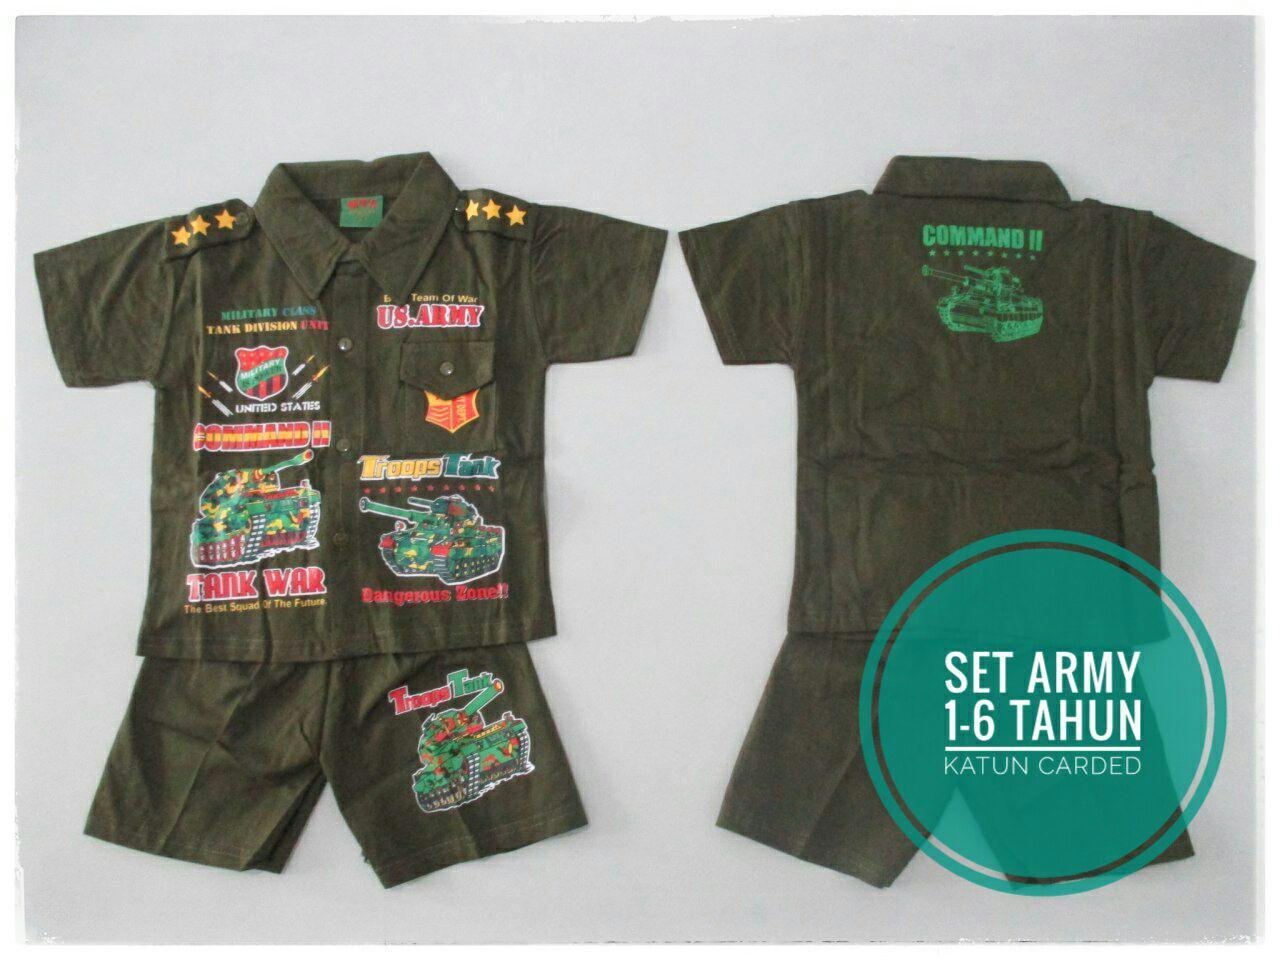 ObralanBaju.com Obral Baju Pakaian Murah Meriah 5000 Set Army